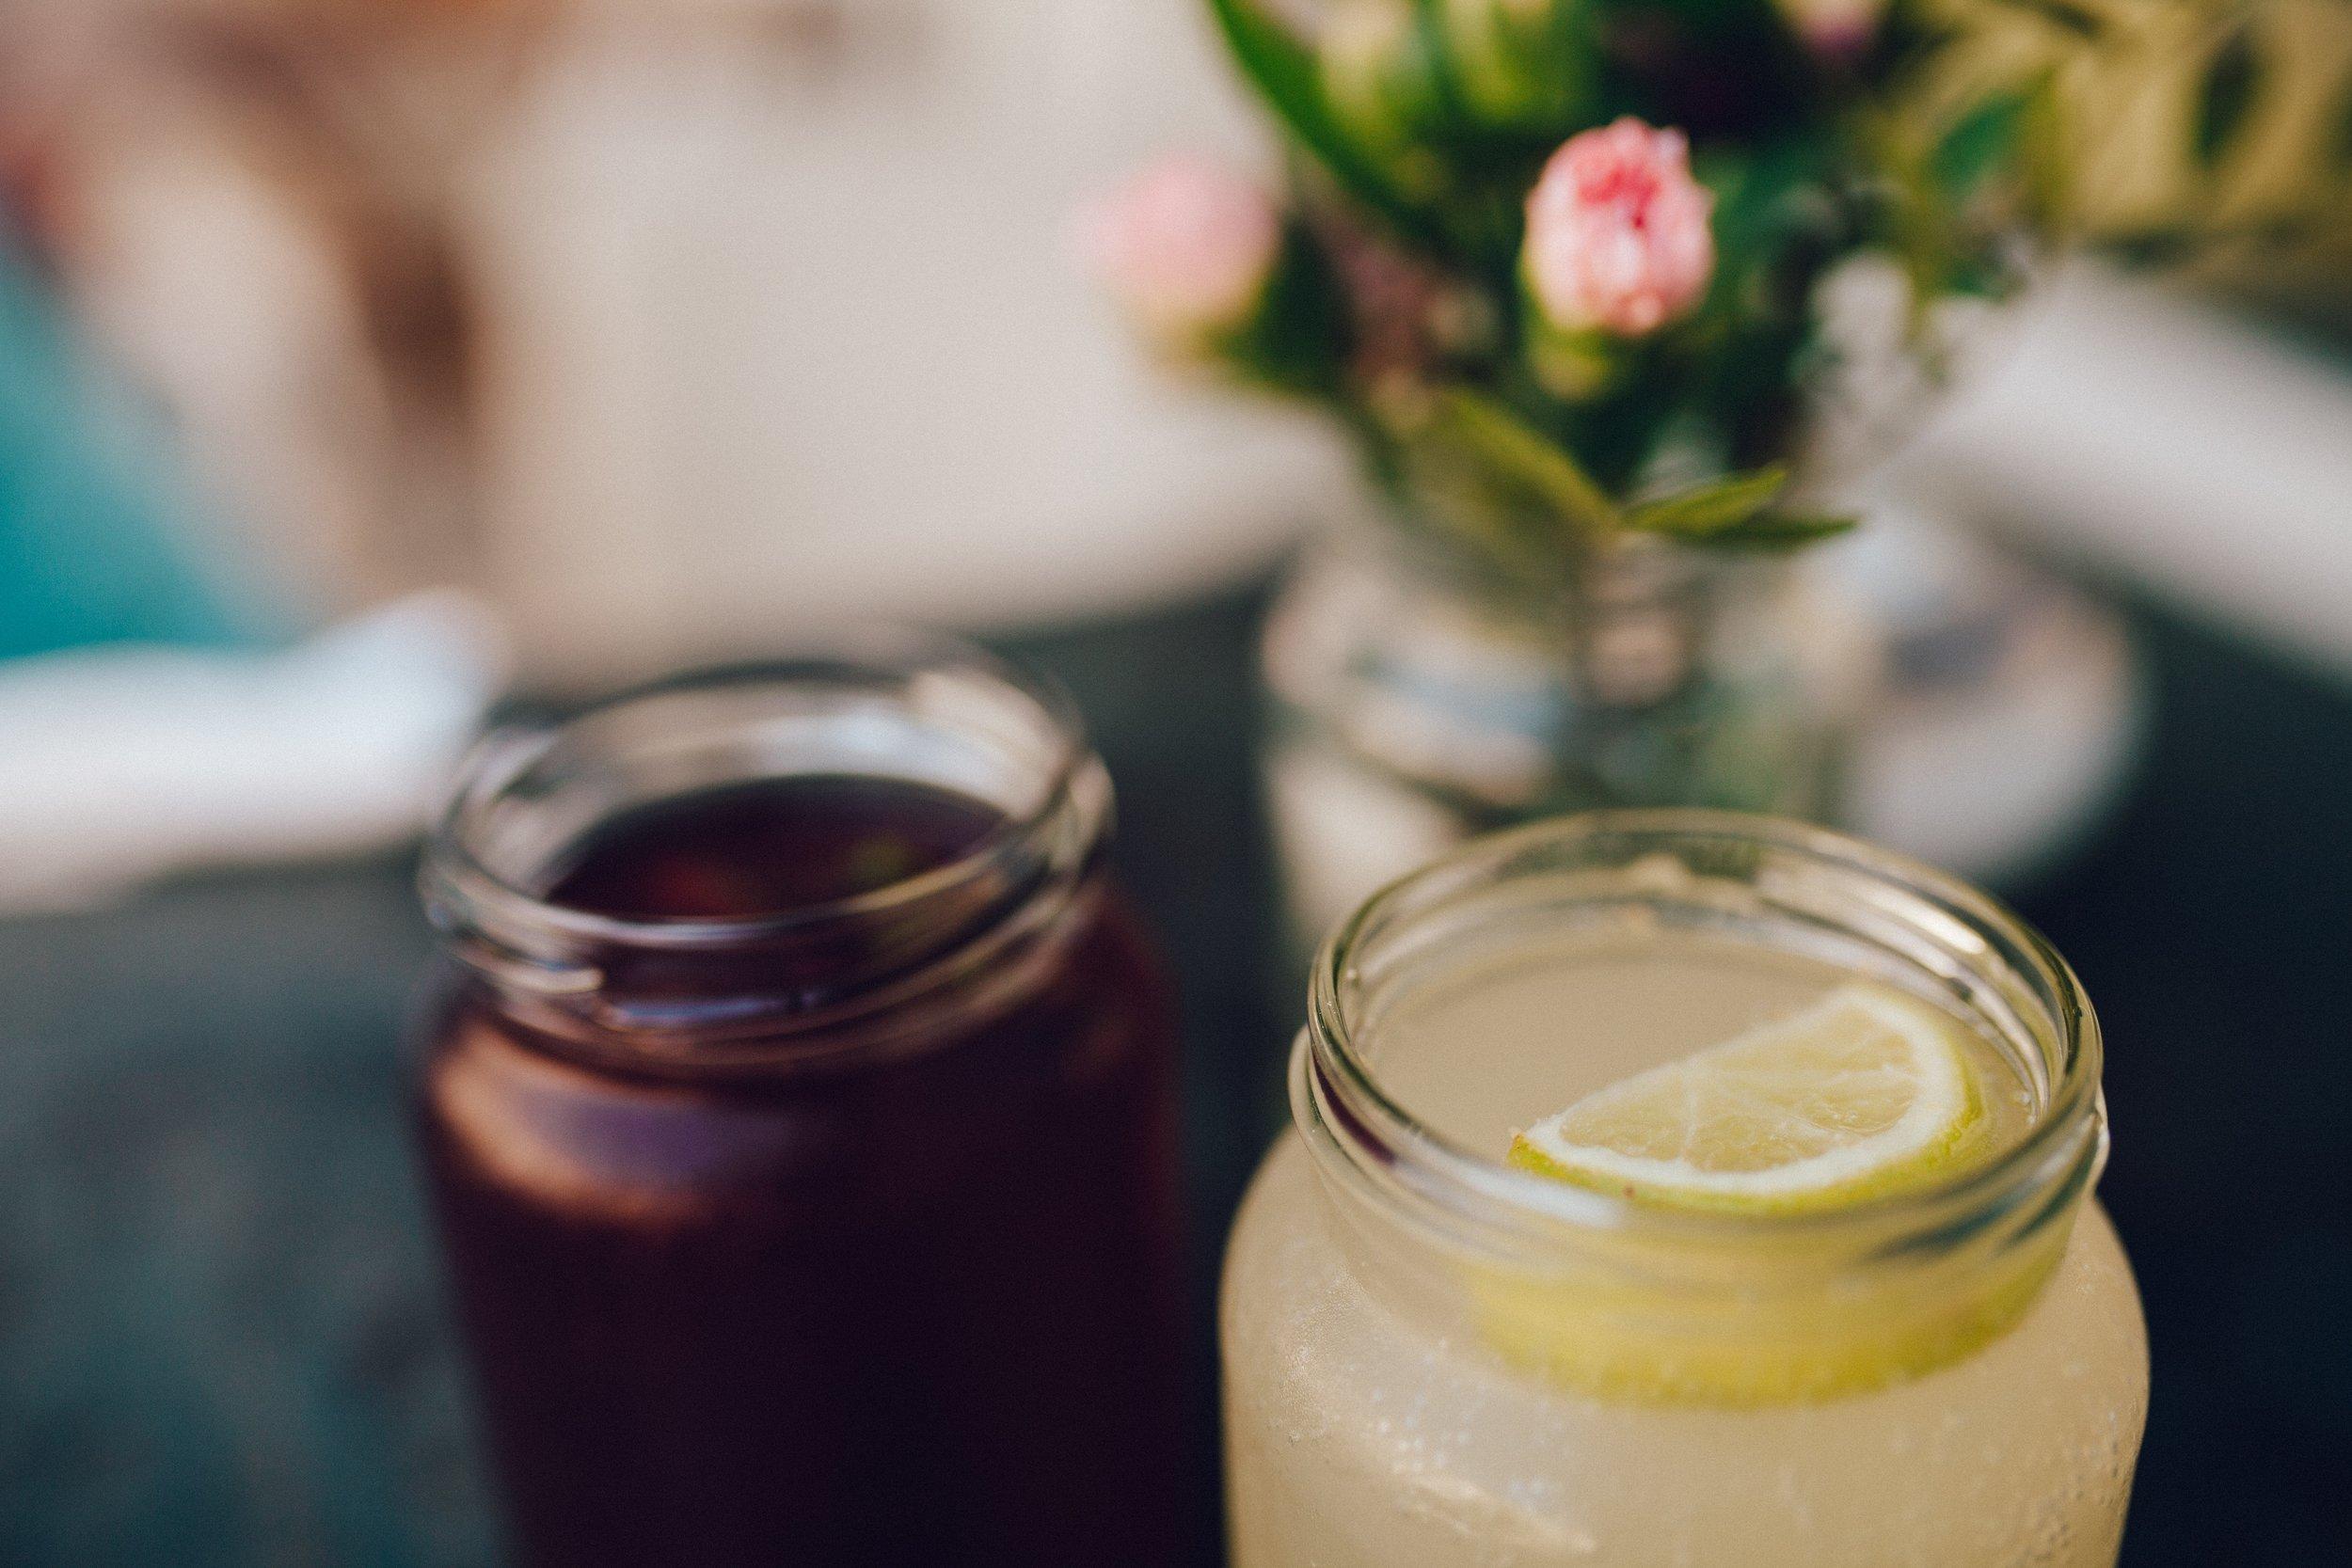 beverages-blur-bottle-204990.jpg